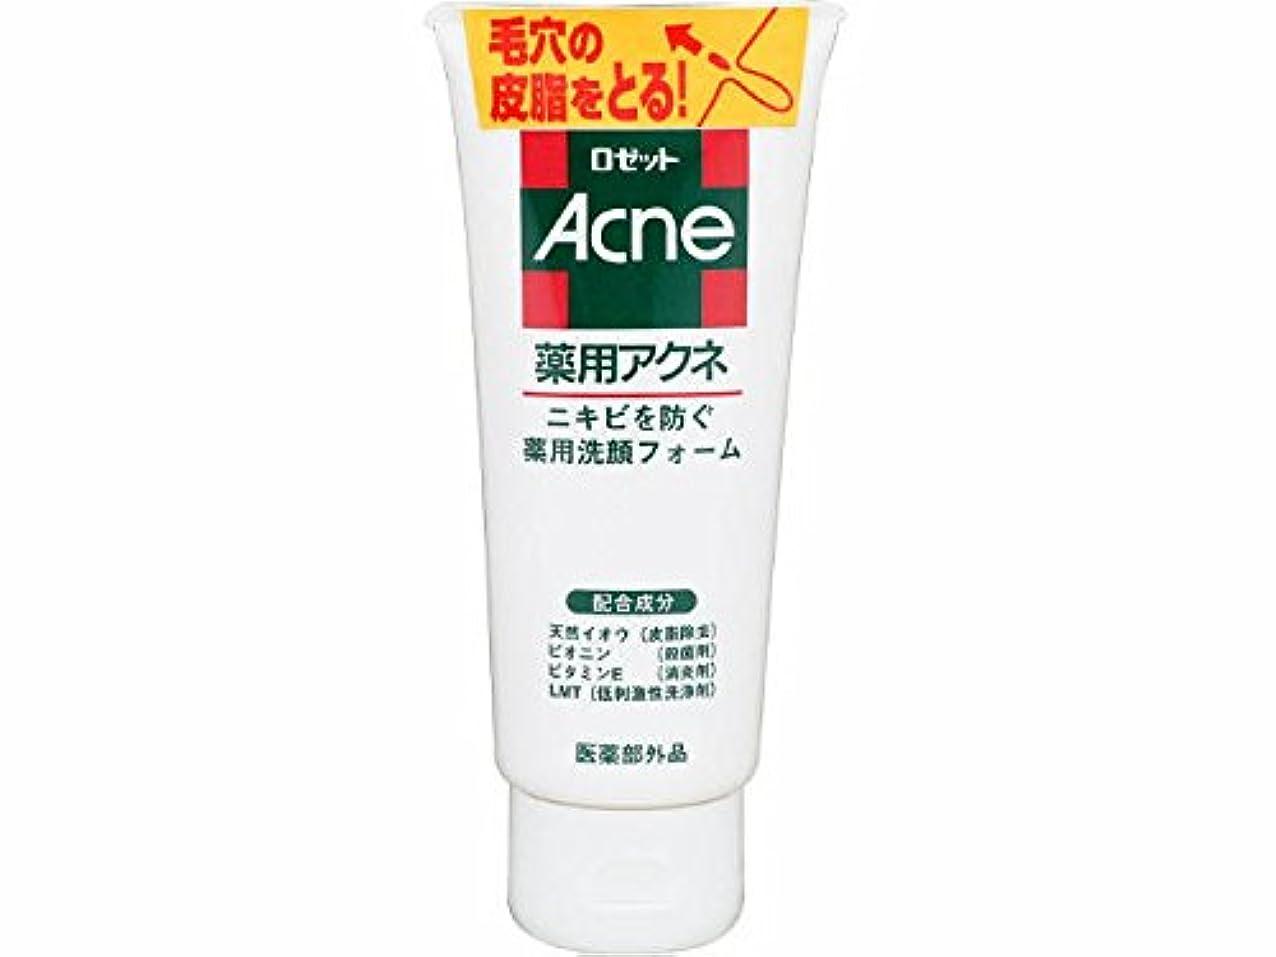 ネコゴールデン軽蔑ロゼット 薬用アクネ 洗顔フォーム 130g 医薬部外品 ニキビを防ぐ洗顔フォーム×48点セット (4901696105115)